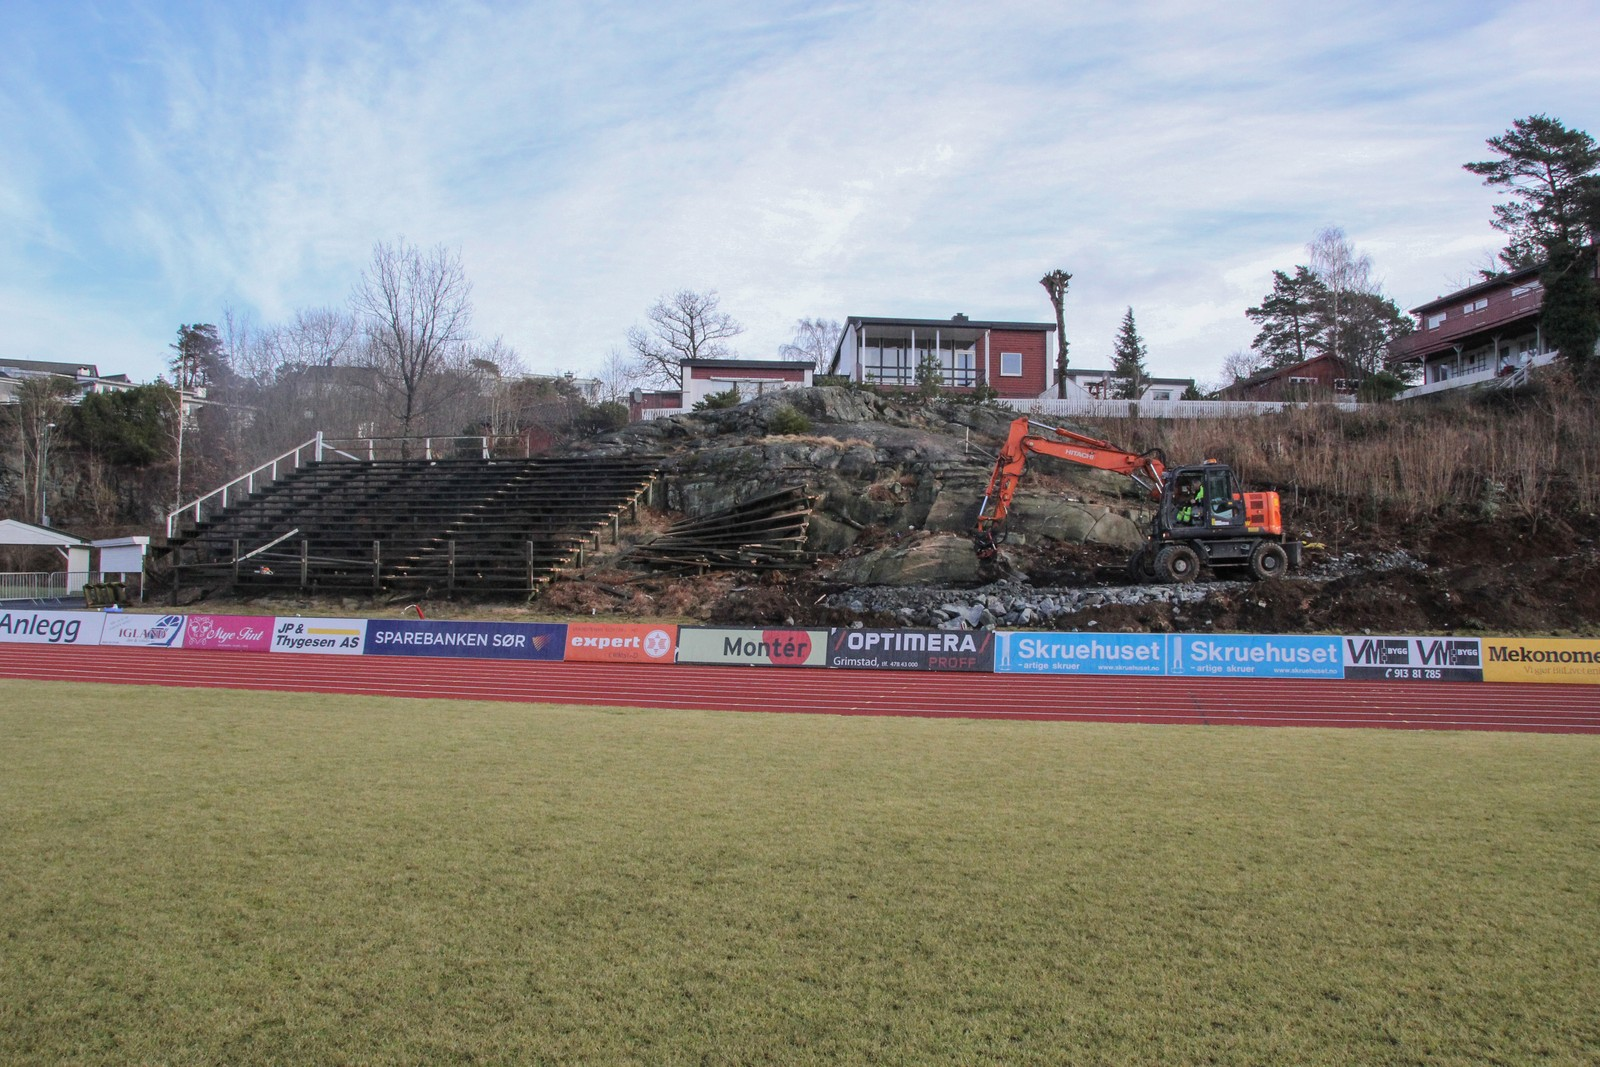 I april debuterer Jerv i 1. divisjon. I den forbindelse må klubbens hjemmebane, J.J Ugland stadion Levermyr, oppgraderes på flere felt.